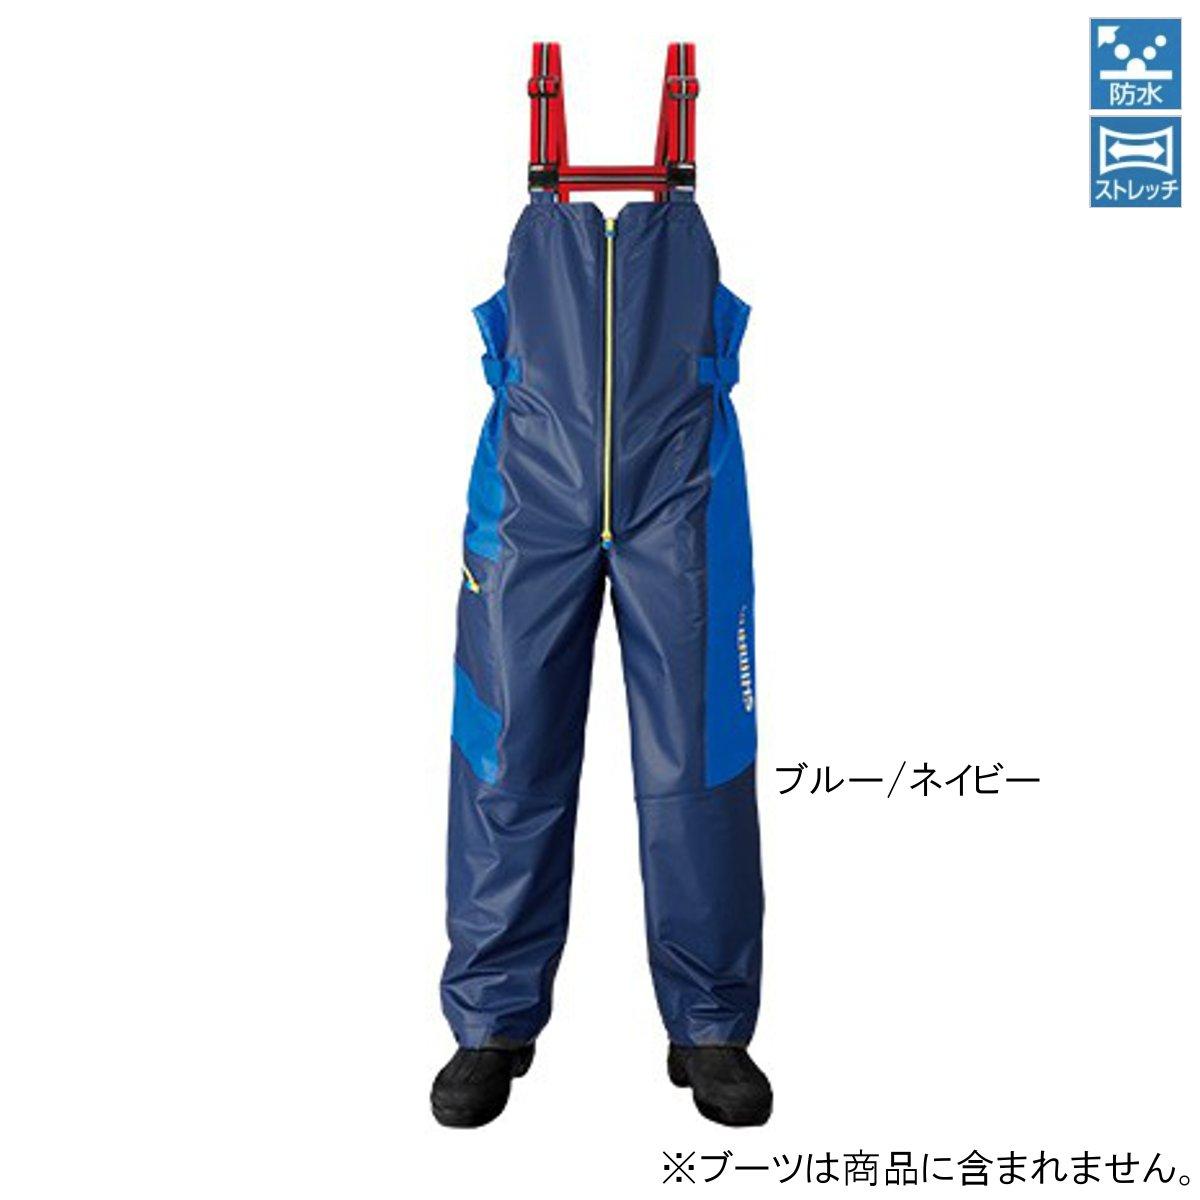 シマノ マリンサロペット RA-03PN M ブルー/ネイビー